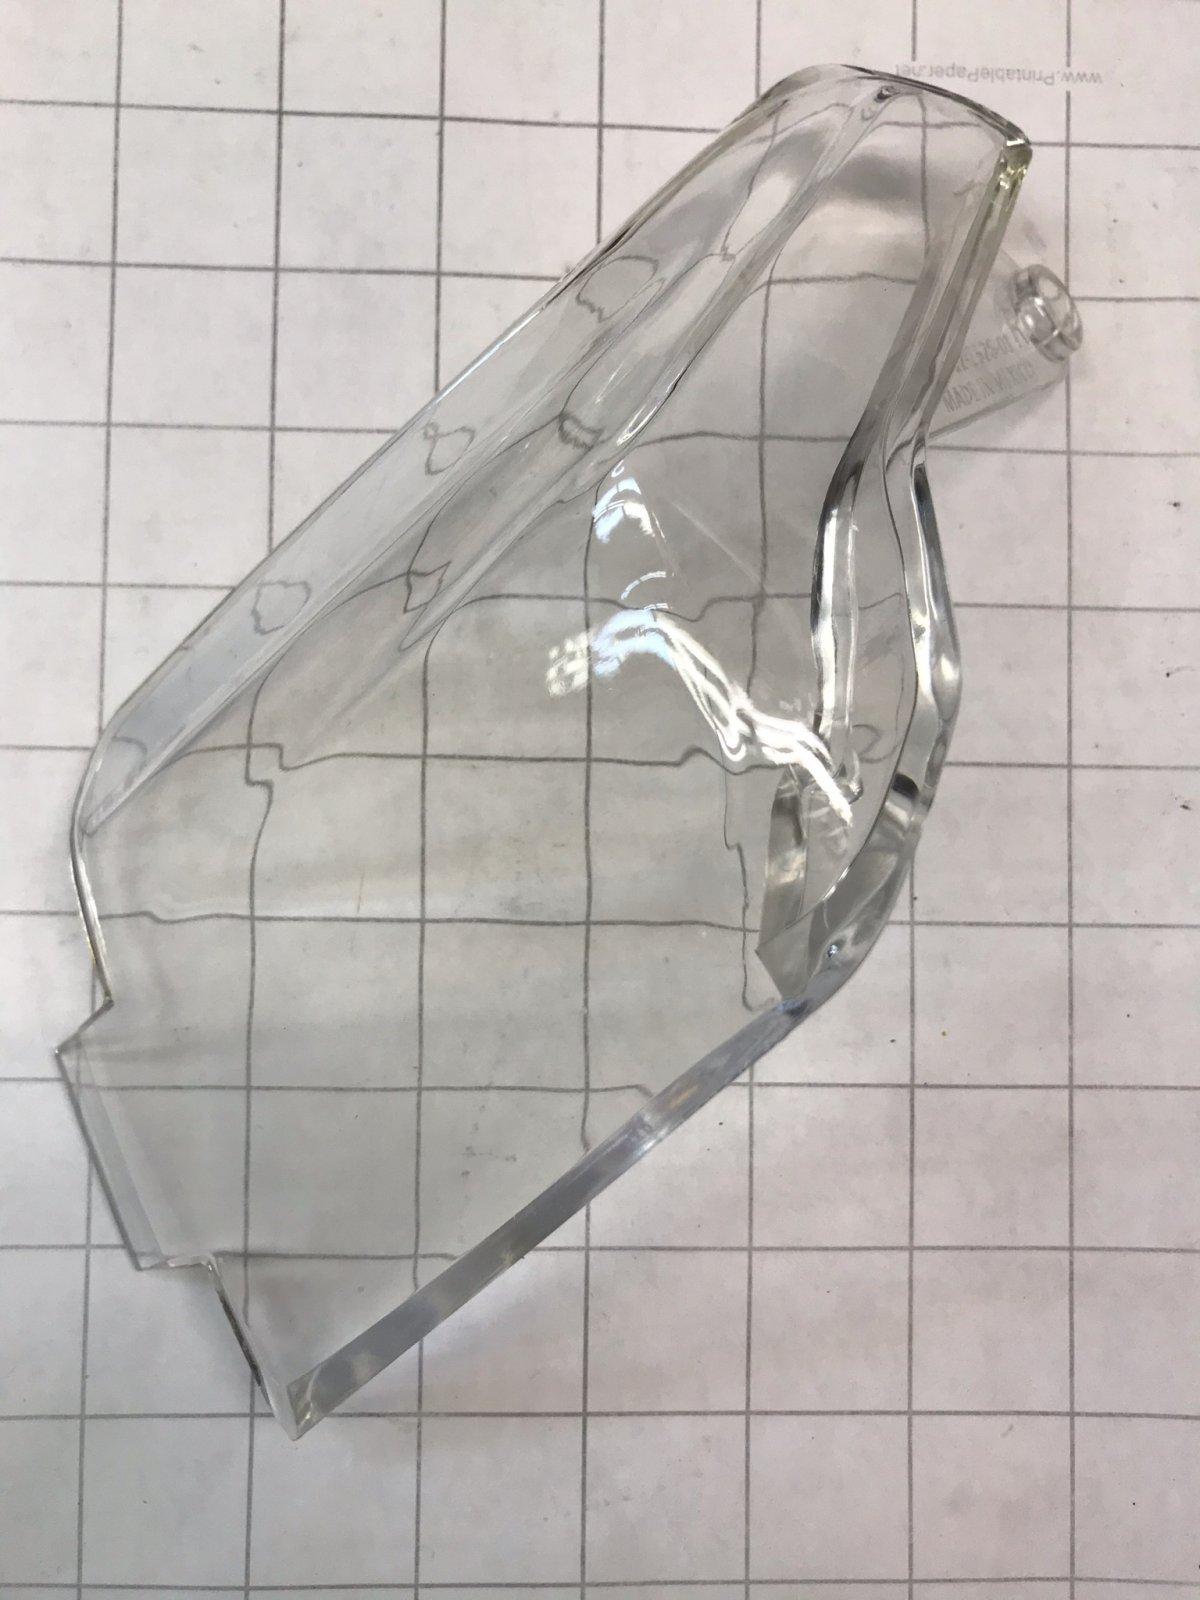 Escalade Headlight Covers